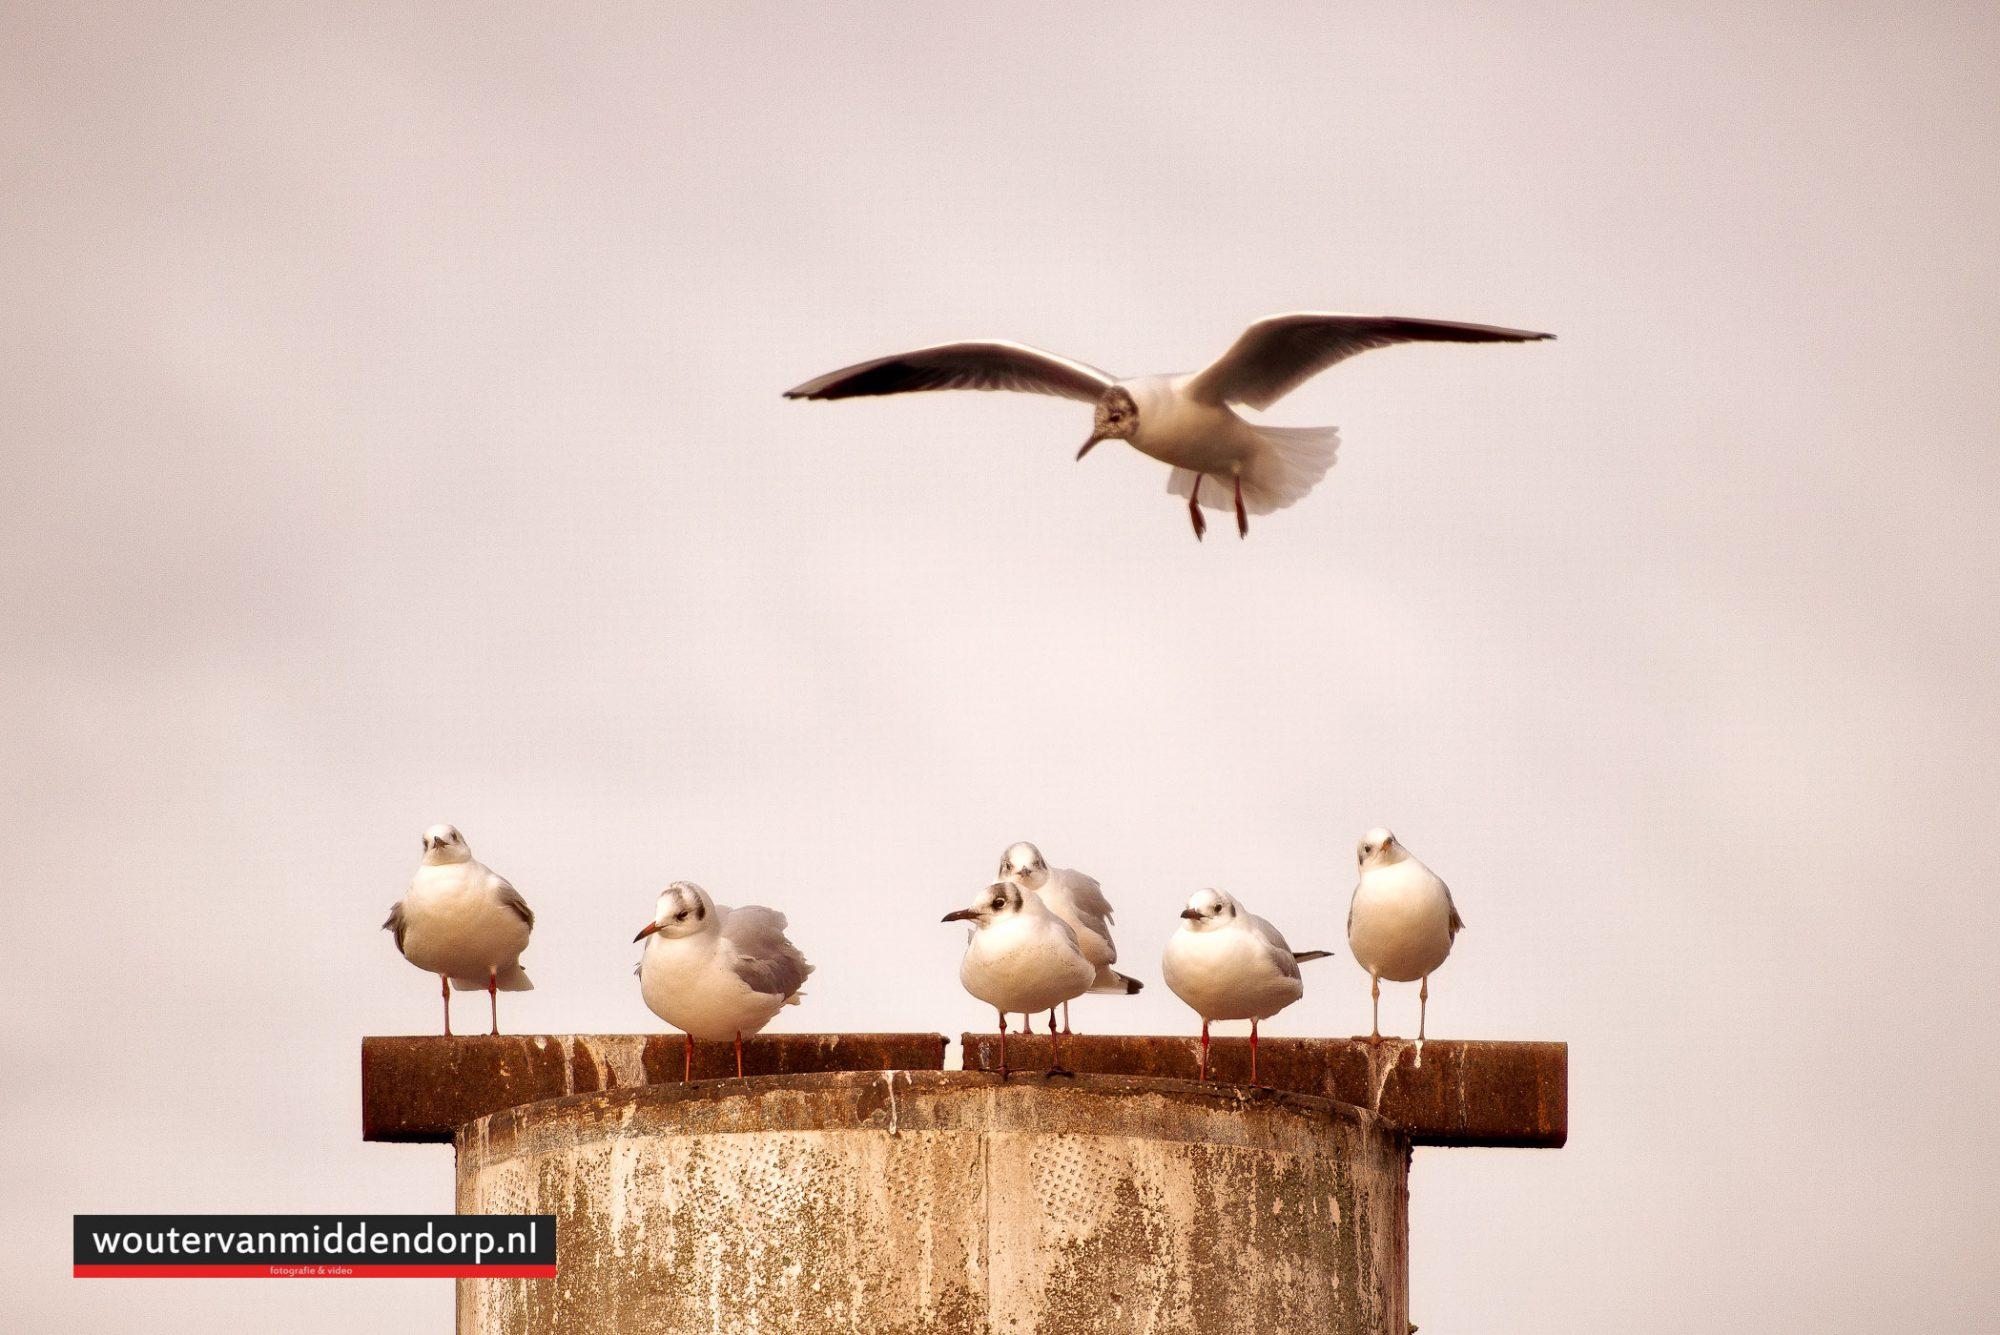 natuurfotografie-74